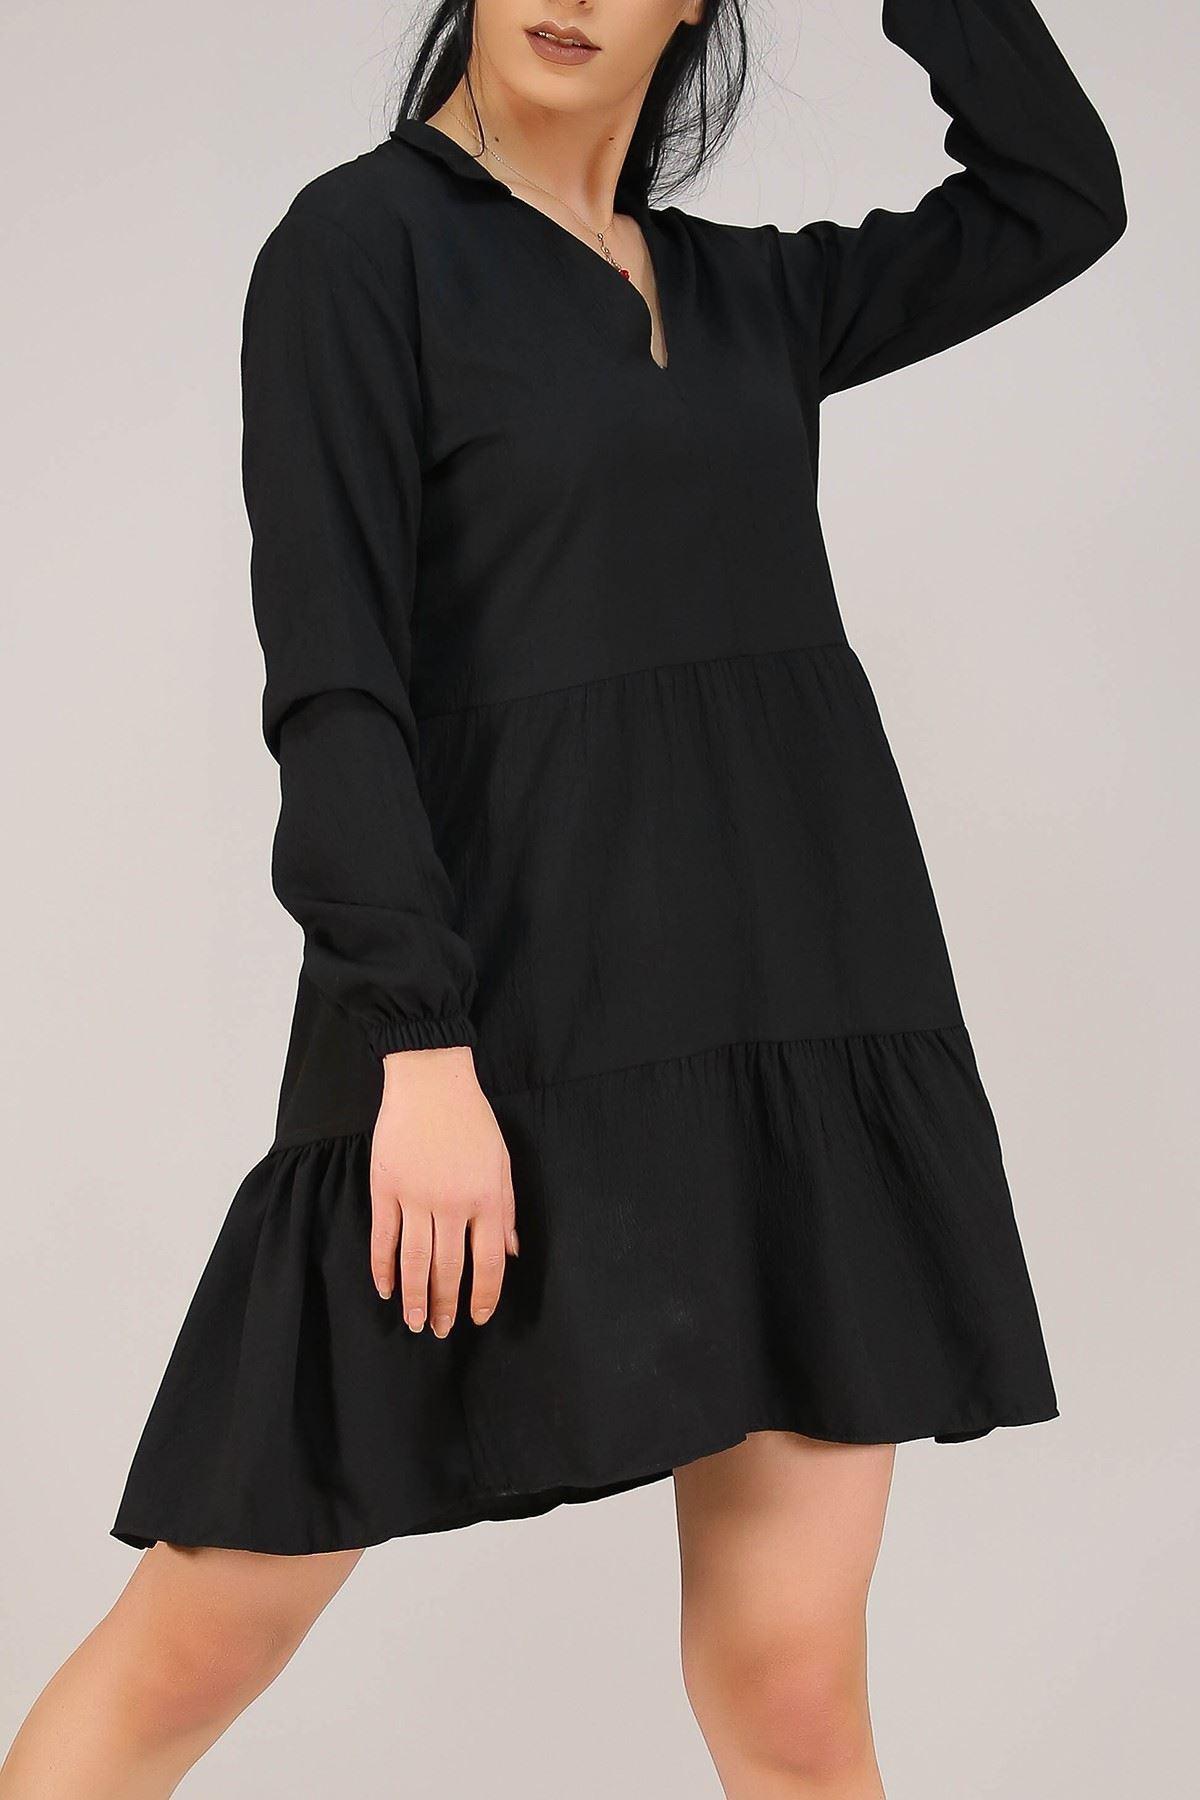 Kısa Krep Elbise Siyah - 5273.701.